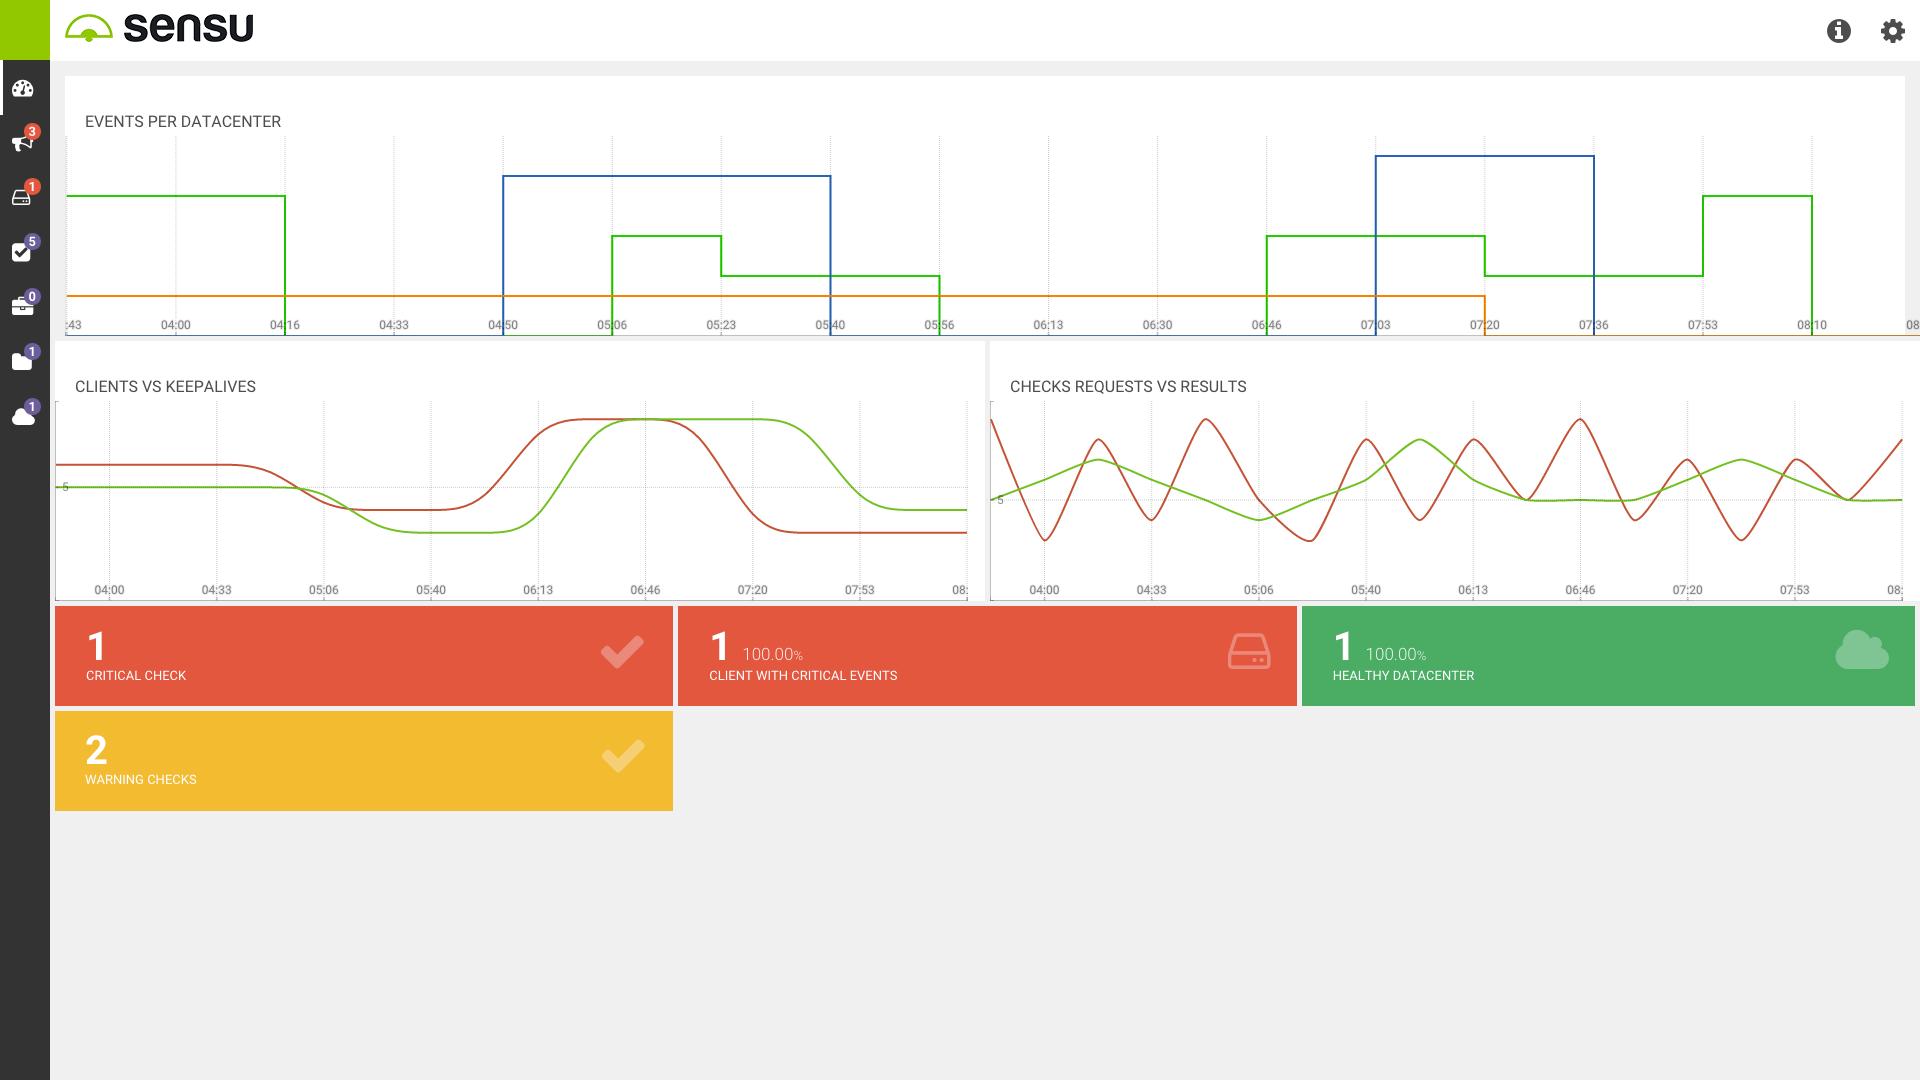 sensur core graph